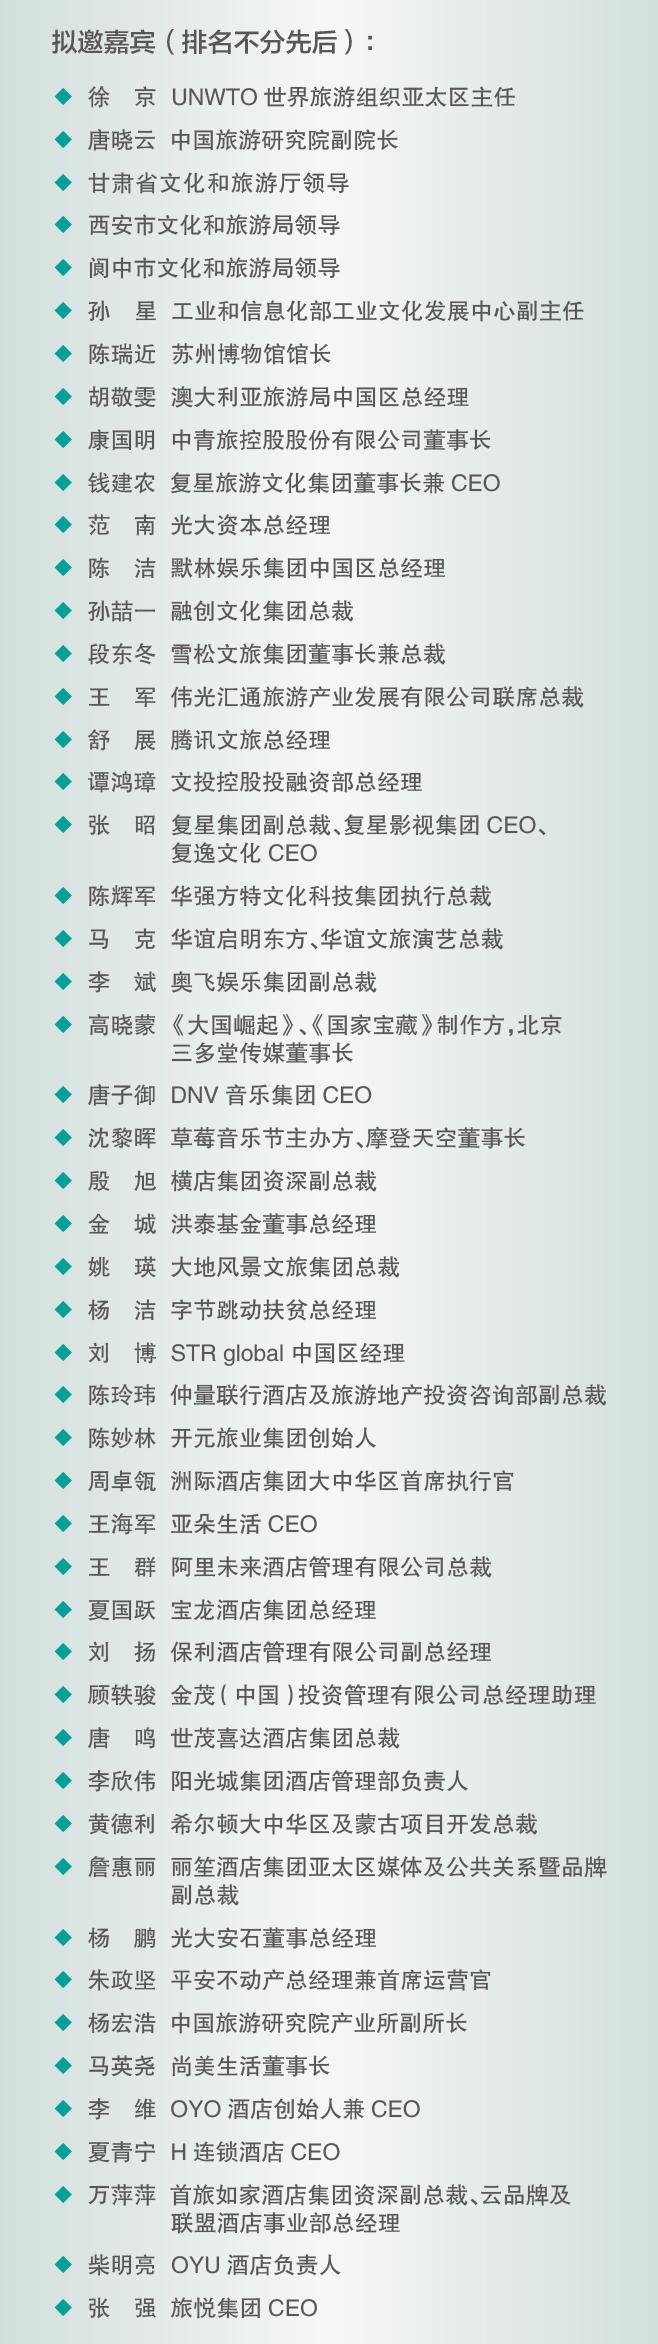 2019亚洲旅游产业年会(上海)